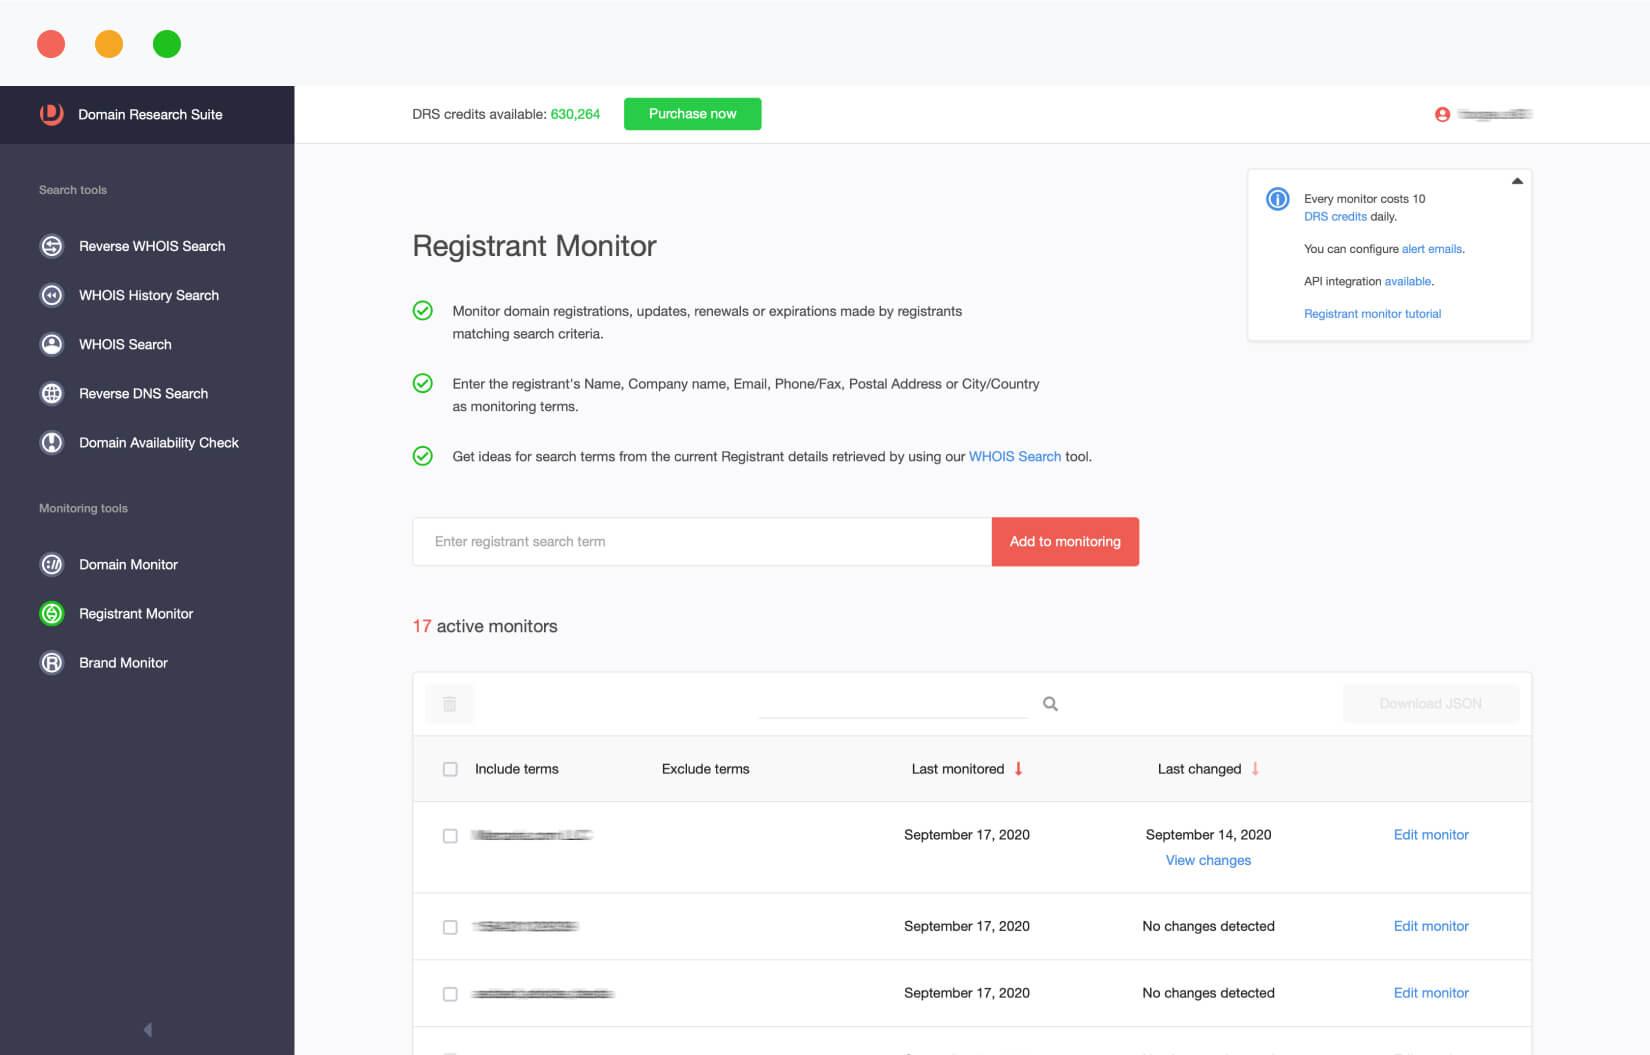 Registrant Monitor